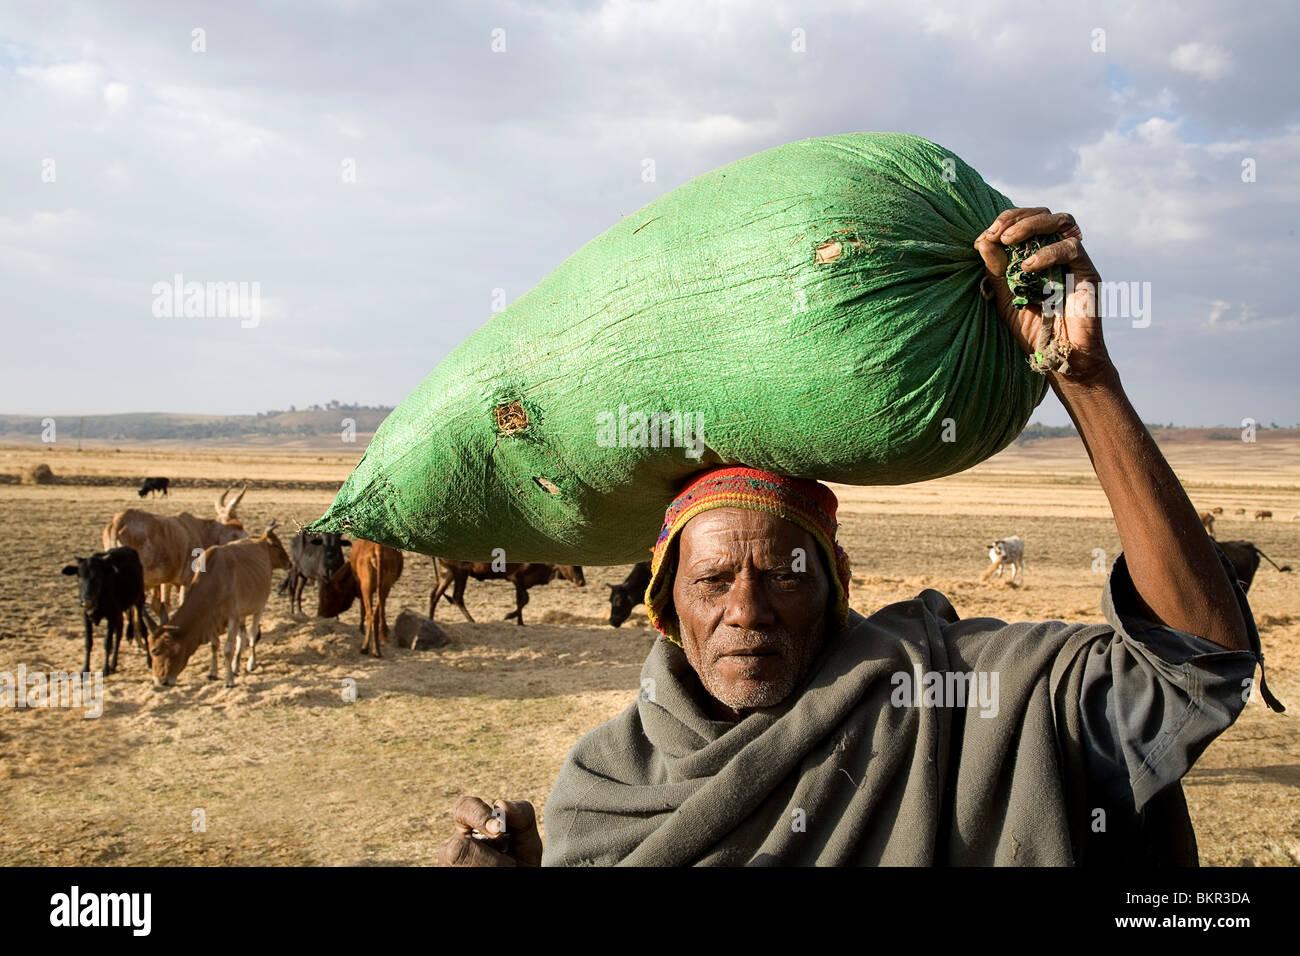 Ethiopia, Debre Markos. An old man with a sack of grain outside Debre Markos. - Stock Image